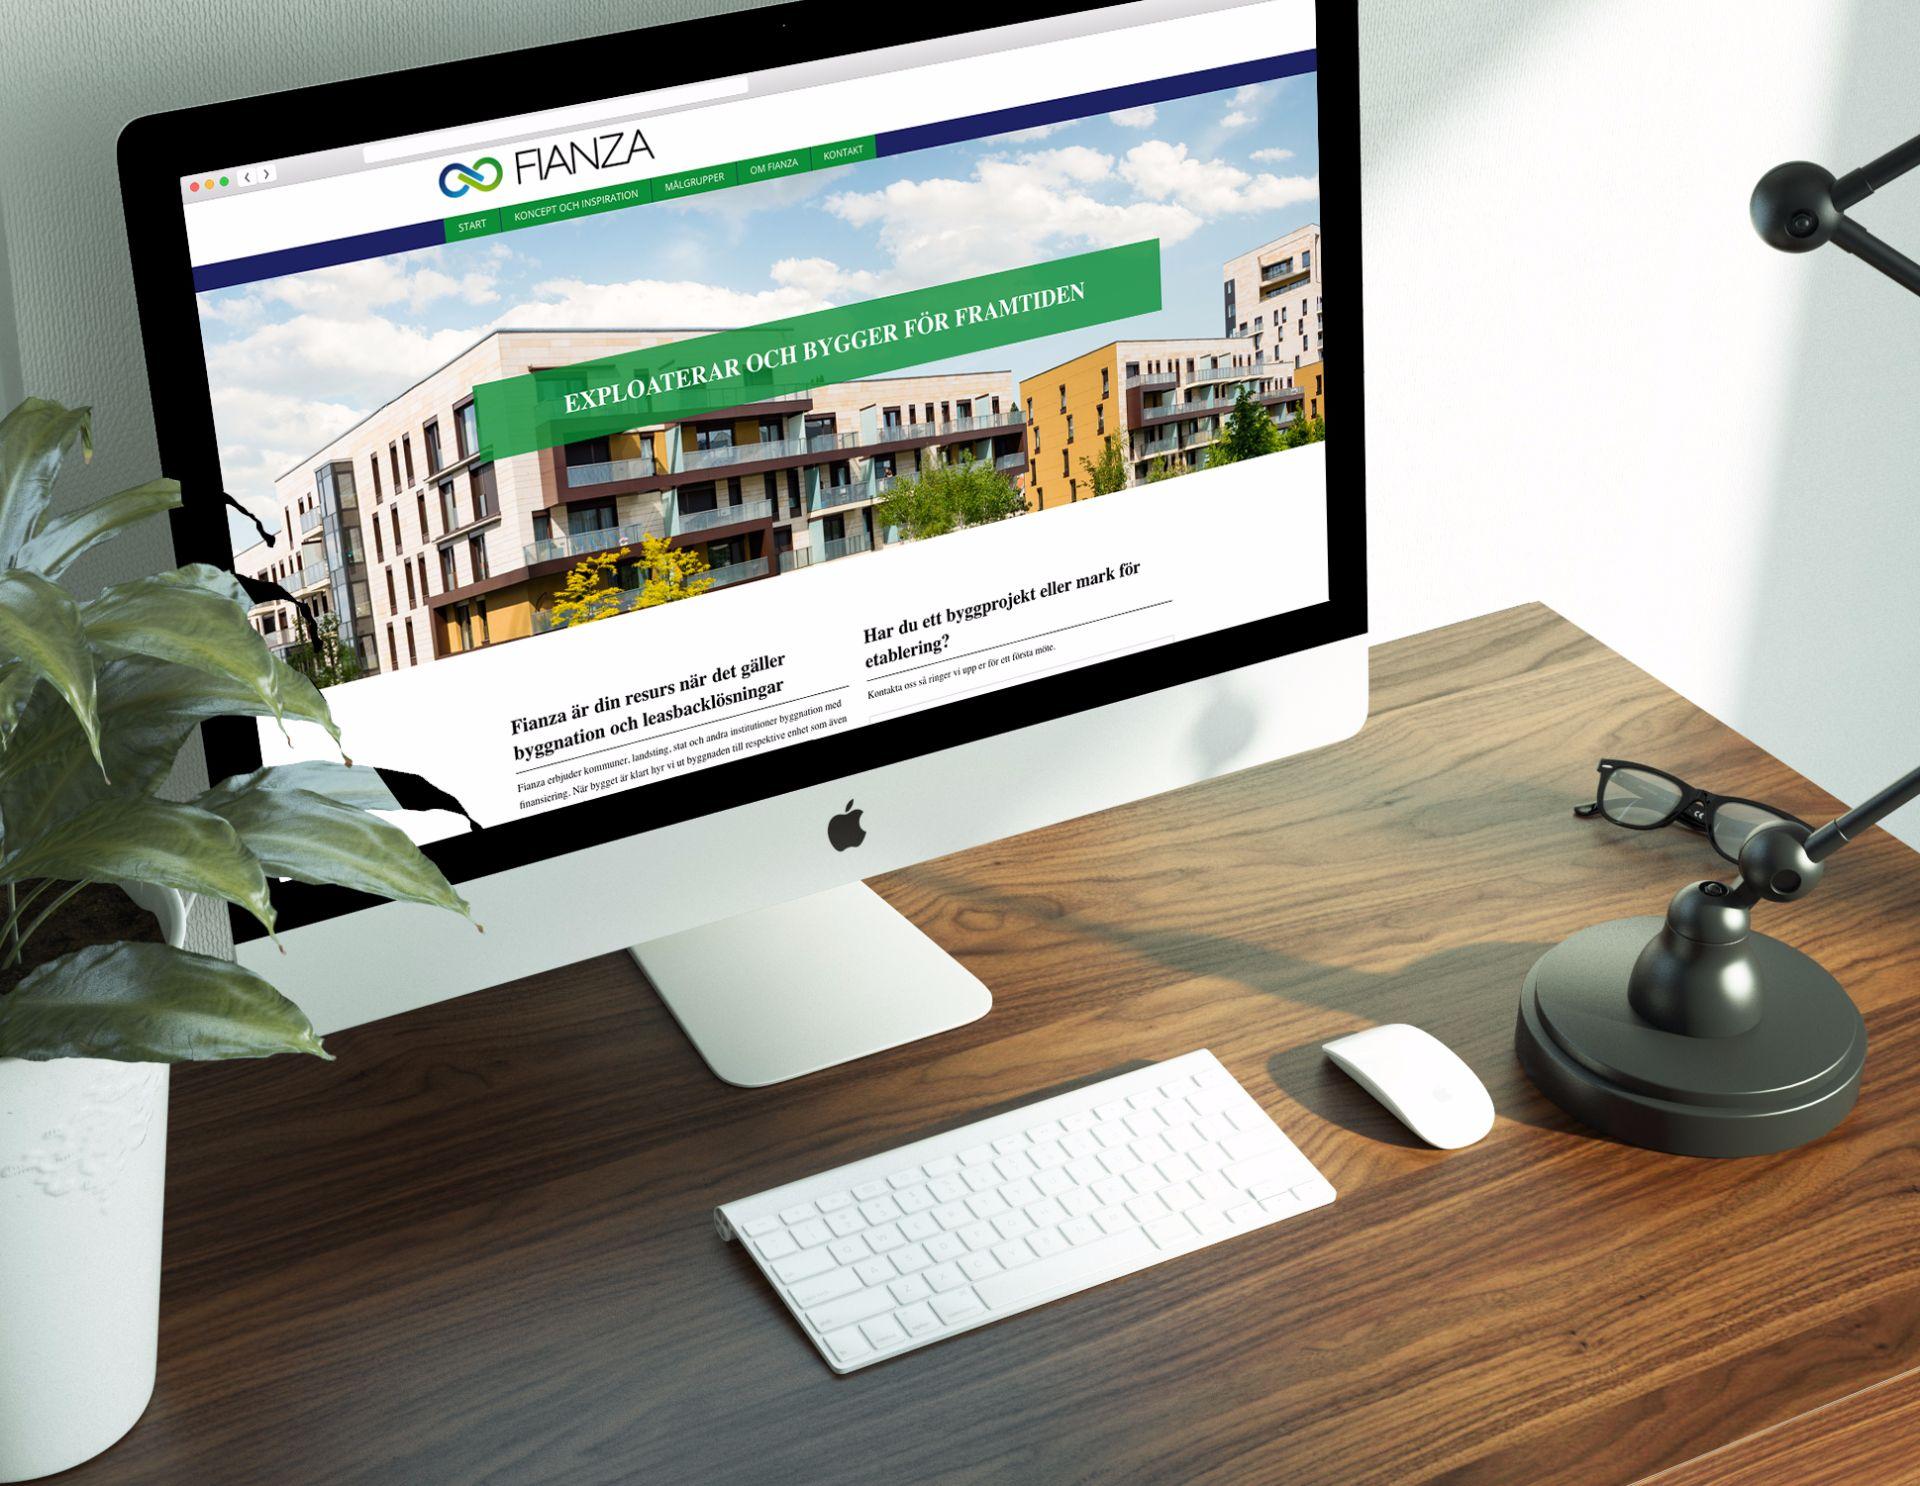 Vi byggde en hemsida för Fianza som exploaterar och bygger för framtiden.